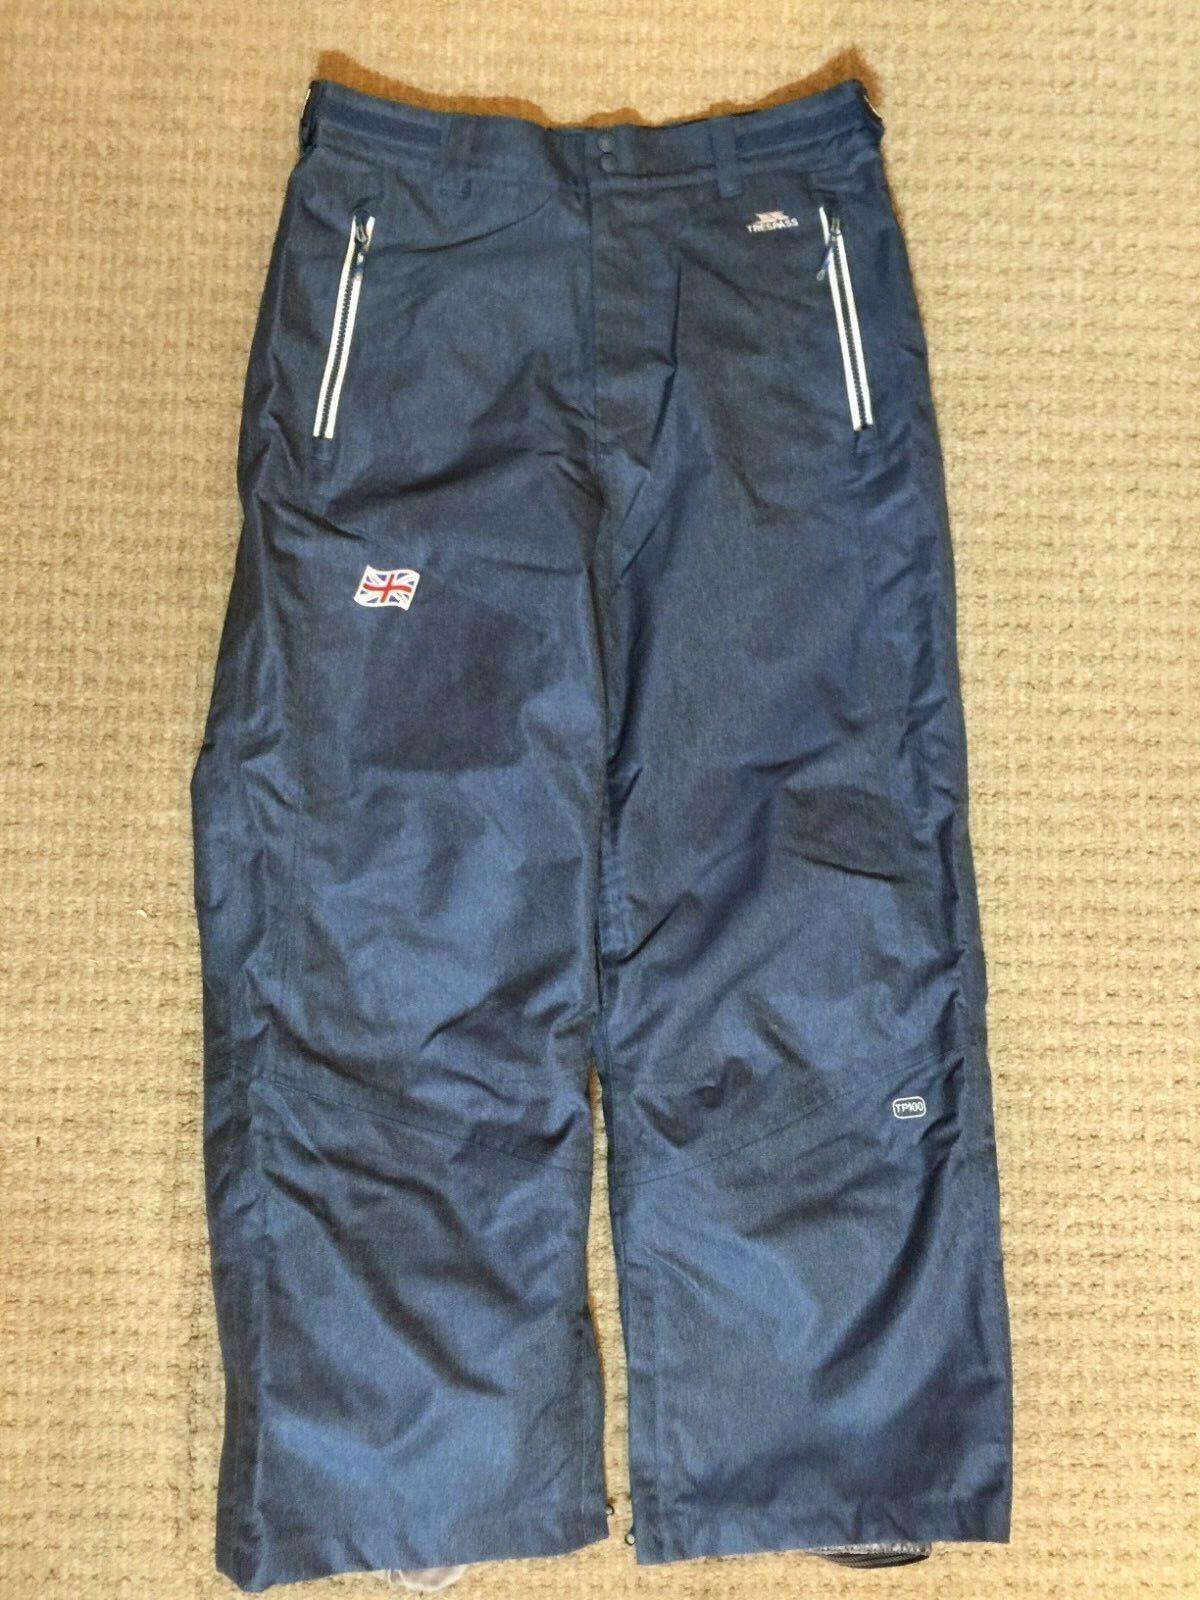 Men's Denim color Trespass ski pants, Size M